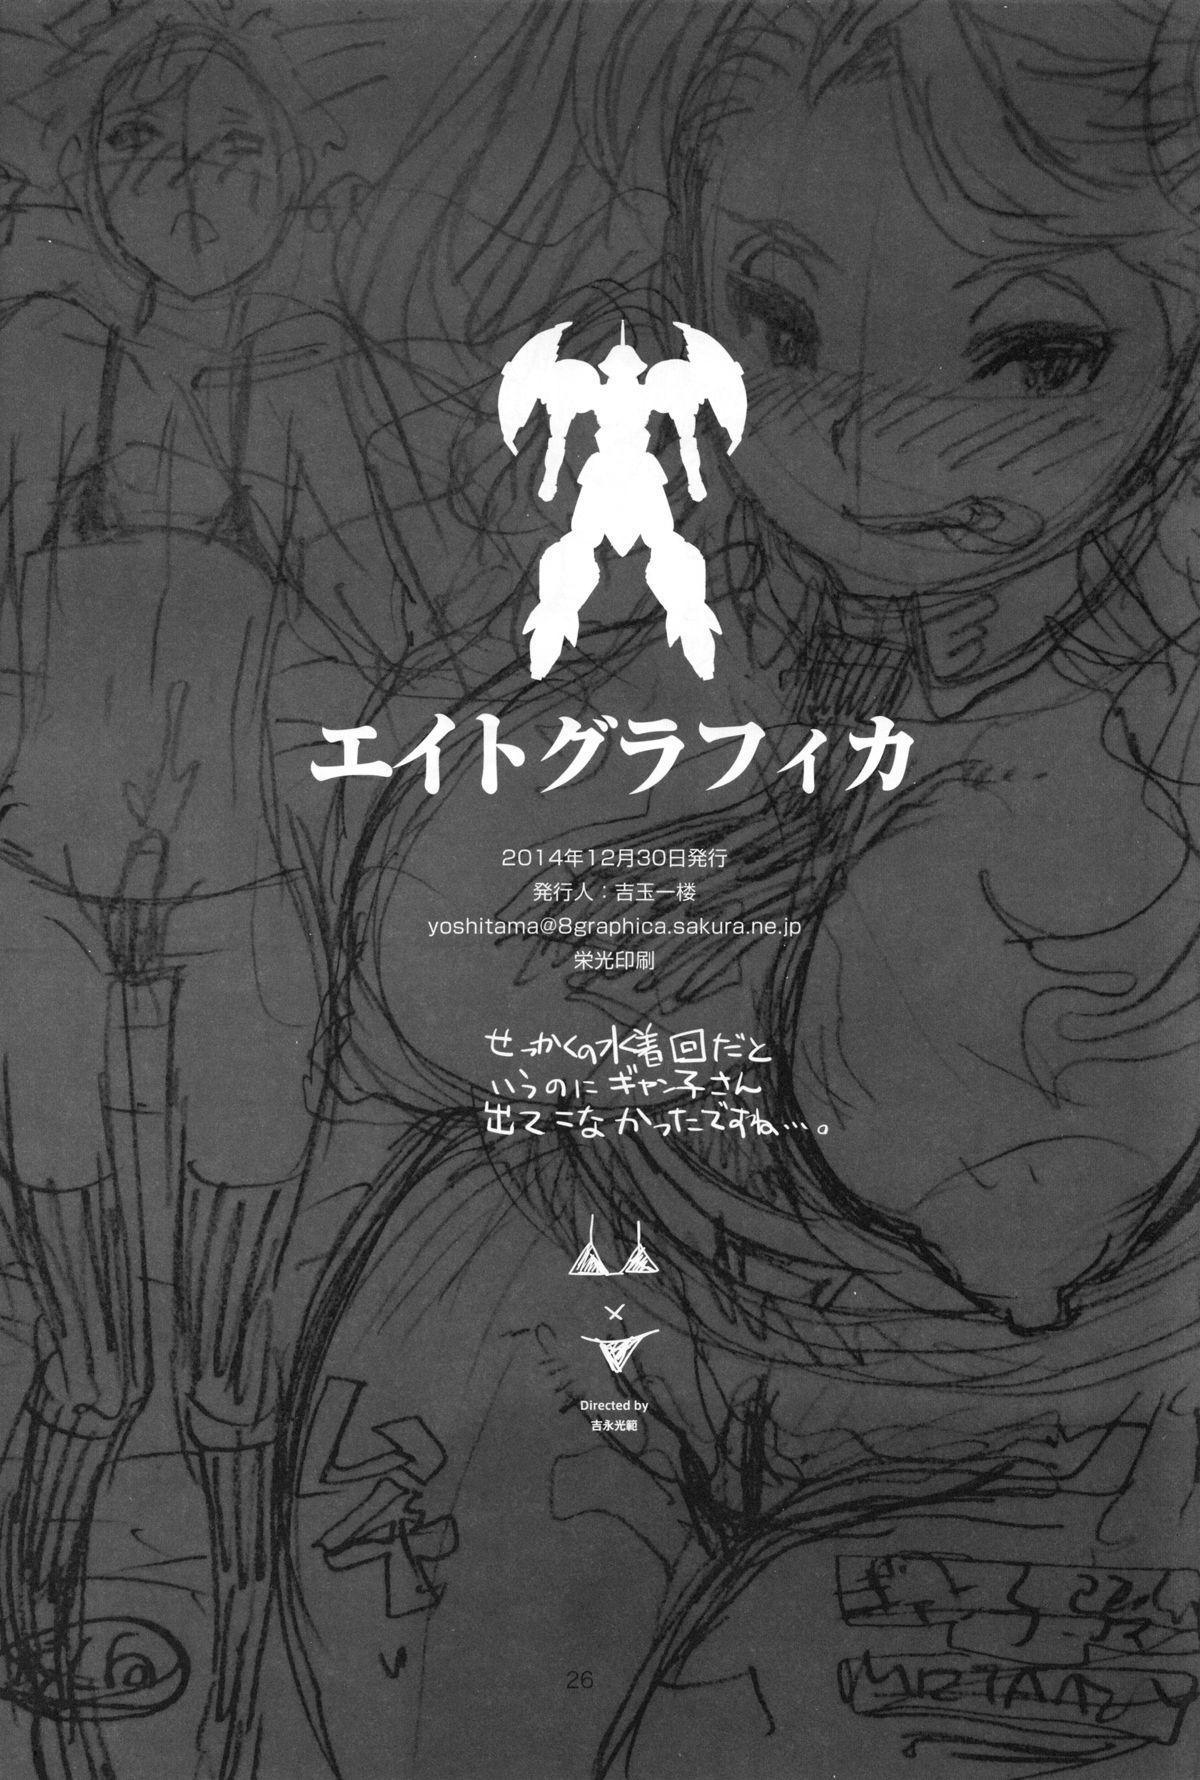 METABOLISM G Hatsujou Gyanko no Nikushoku Fudeoroshi + NTR 24